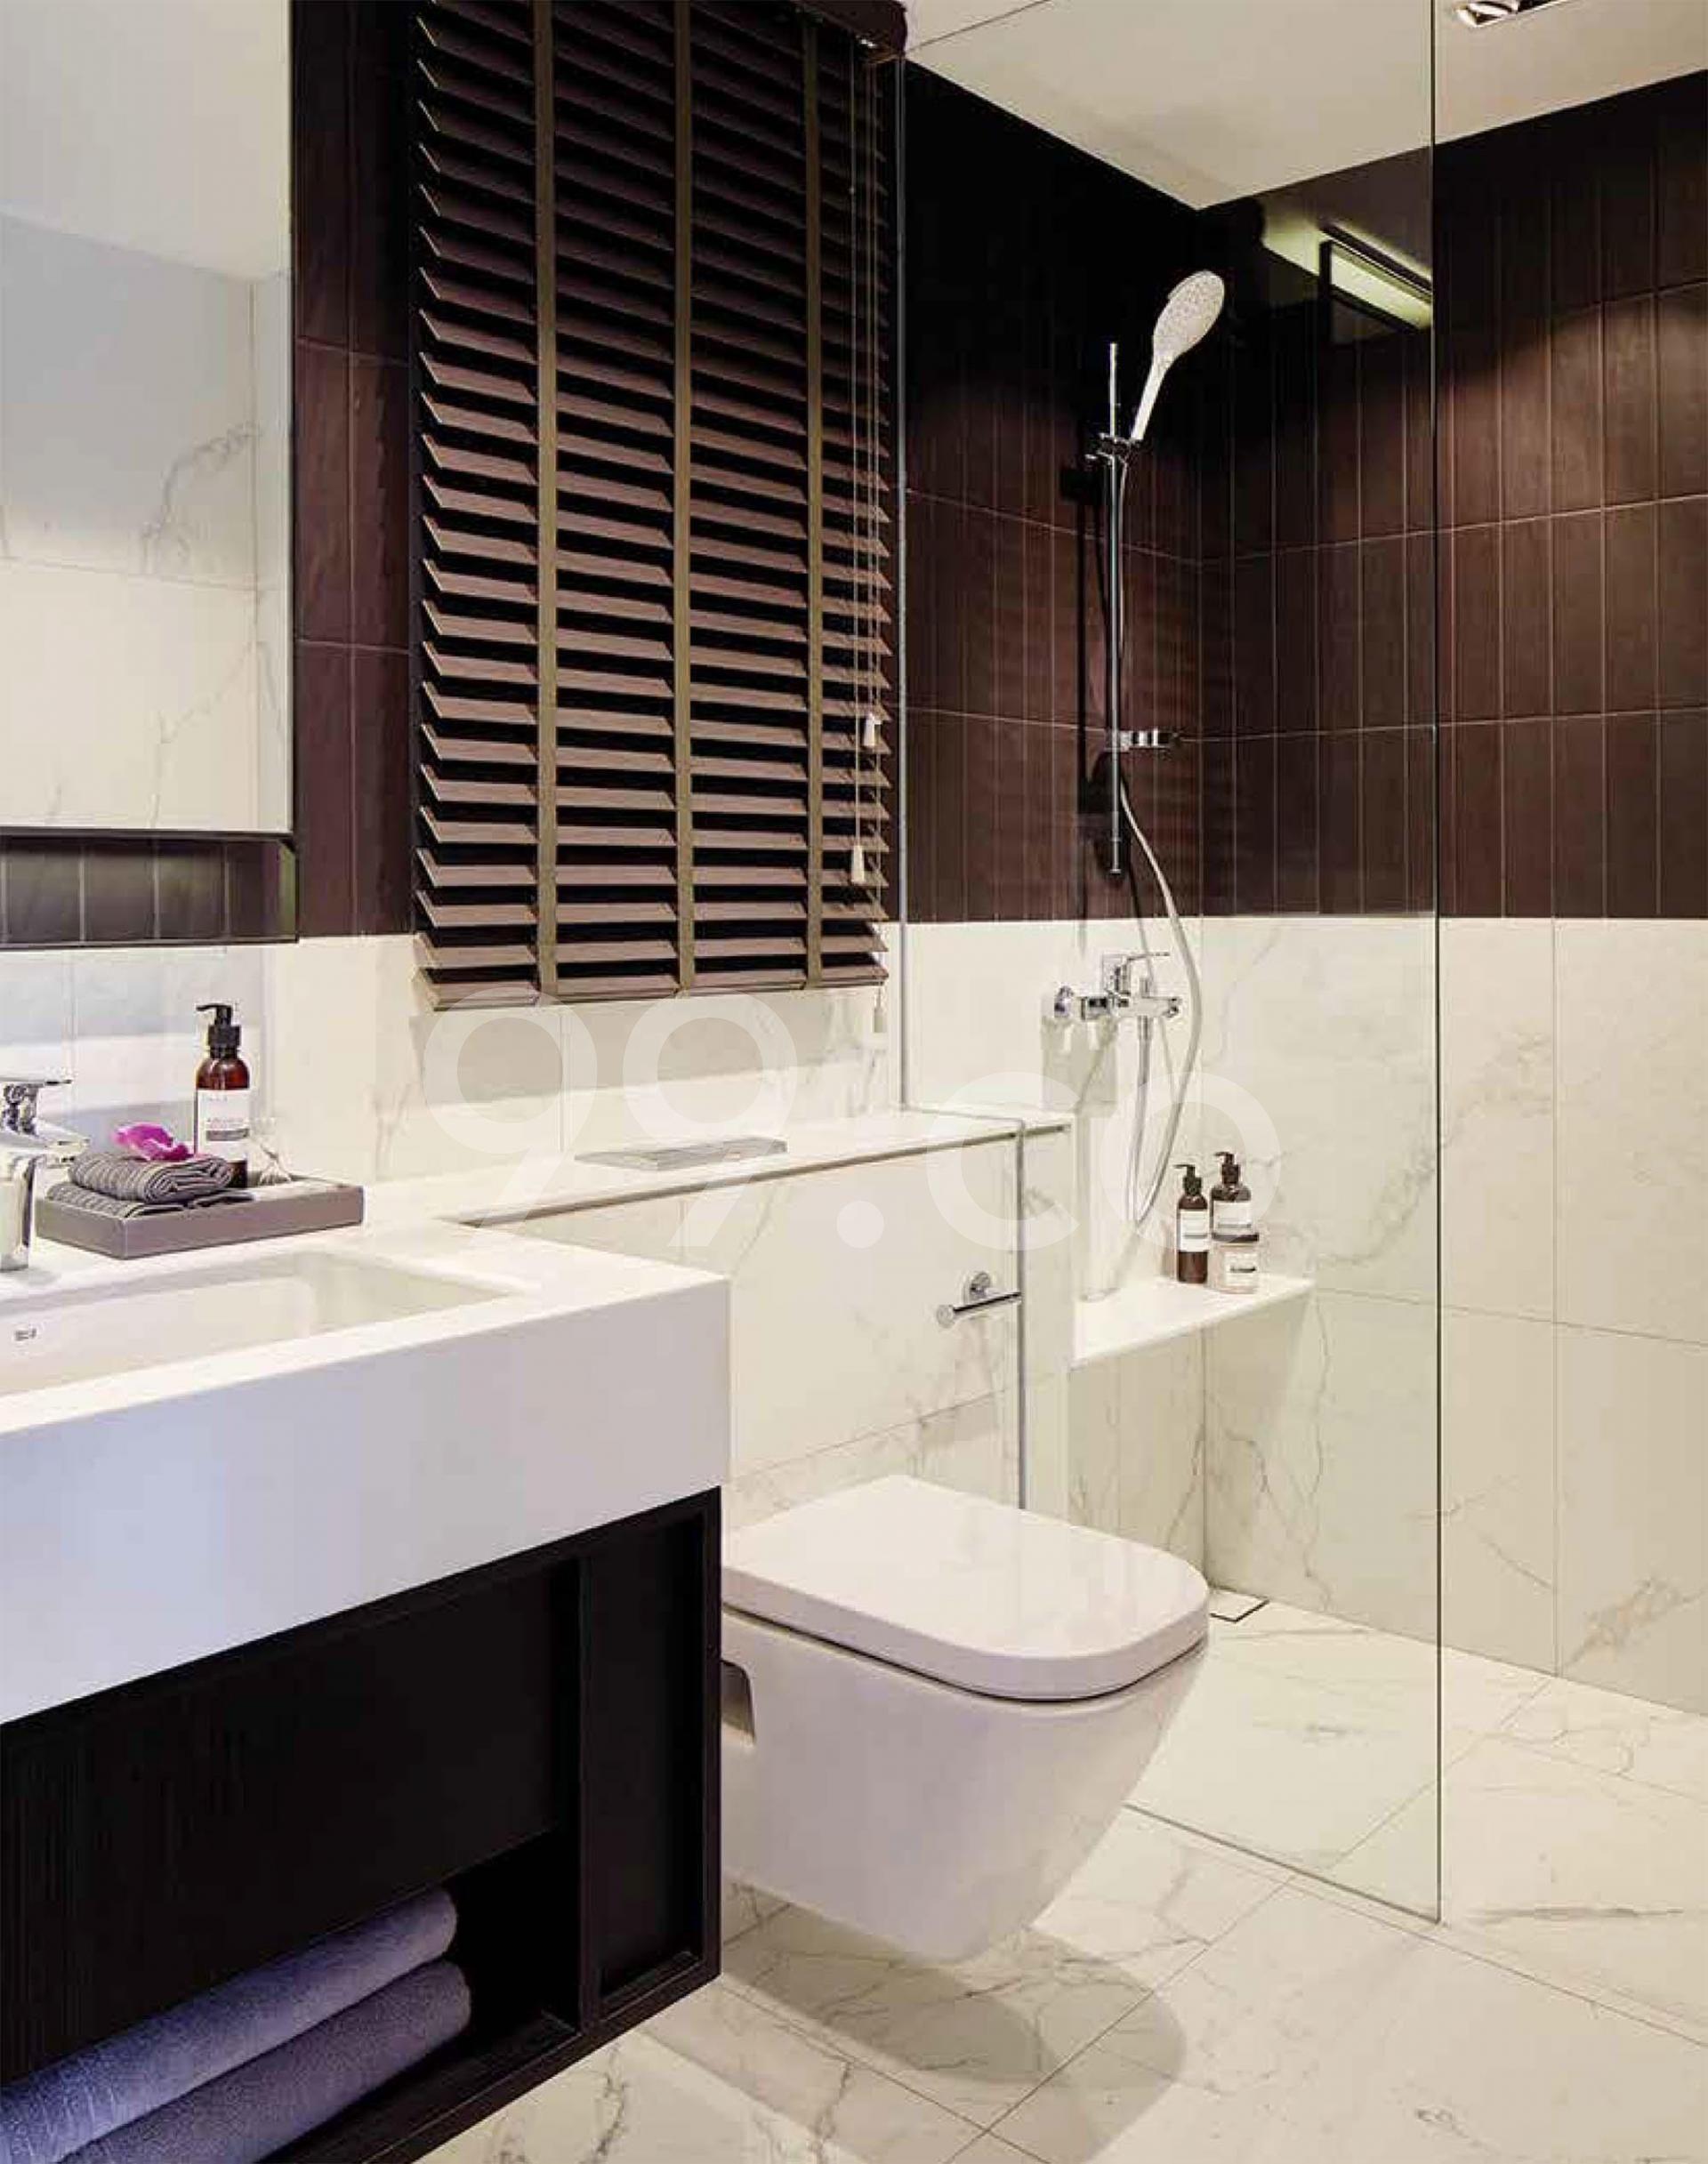 Bukit 828 Bathroom